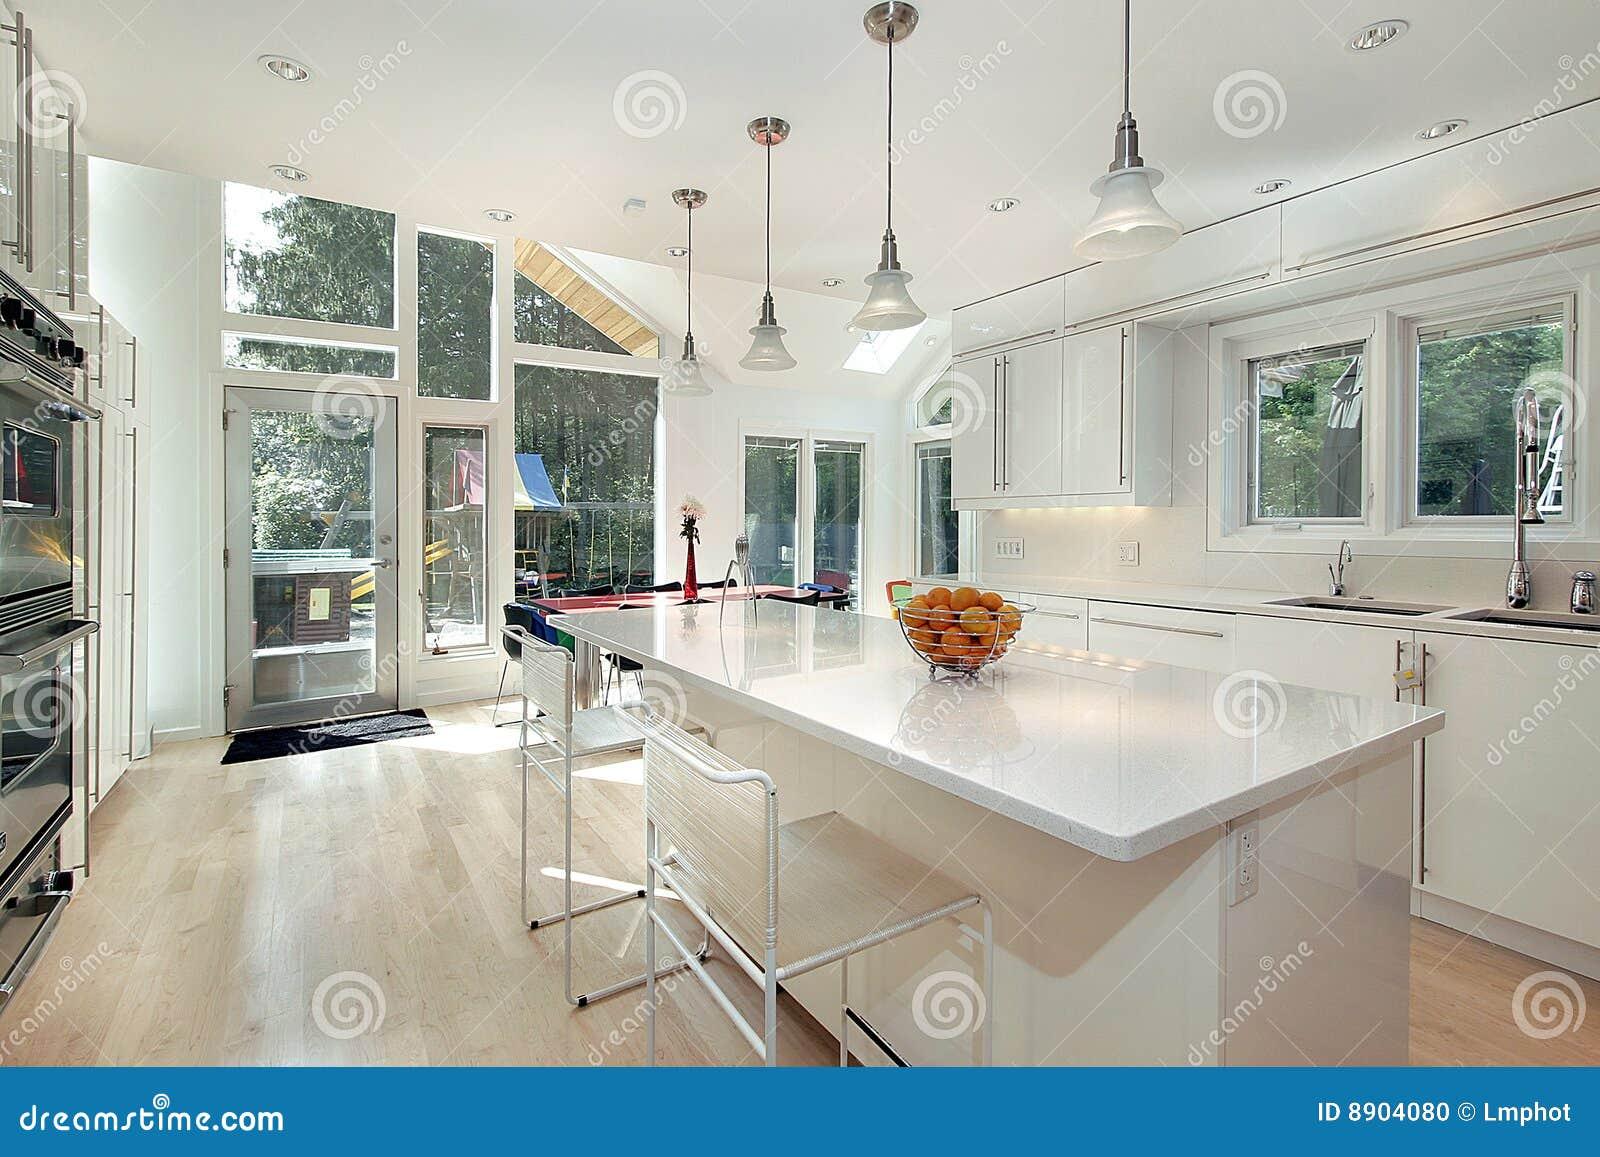 Cucina bianca lucida fotografia stock immagine di apparecchio 8904080 - Cucina bianca lucida ...